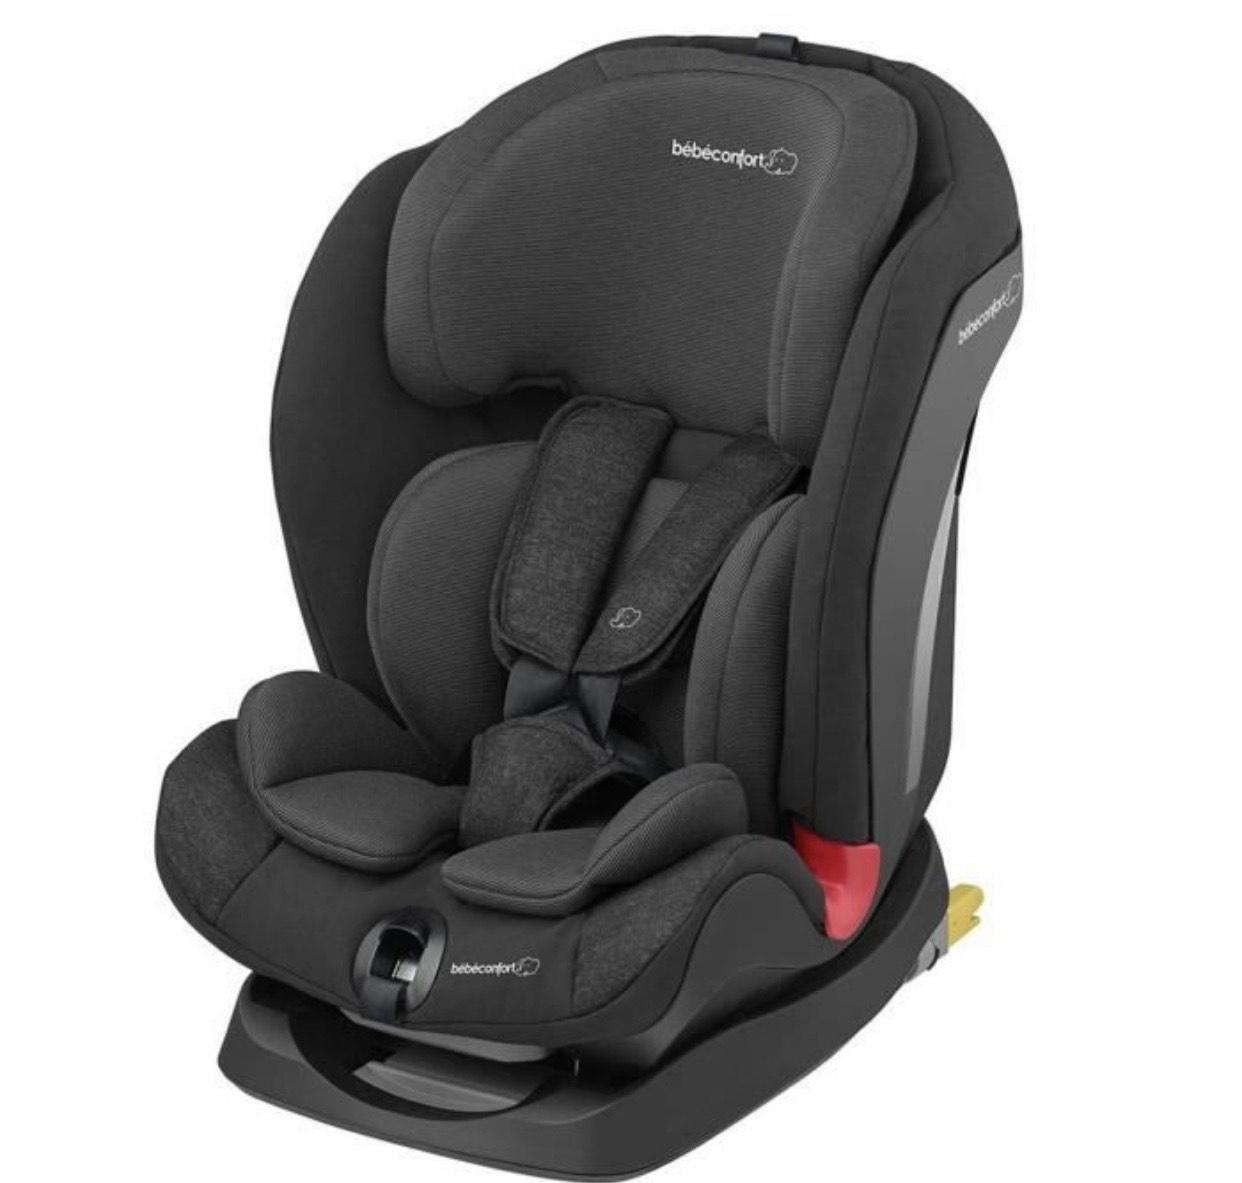 Siège auto Bébé confort Titan - Groupe 1/2/3 (9-36kg), Noir